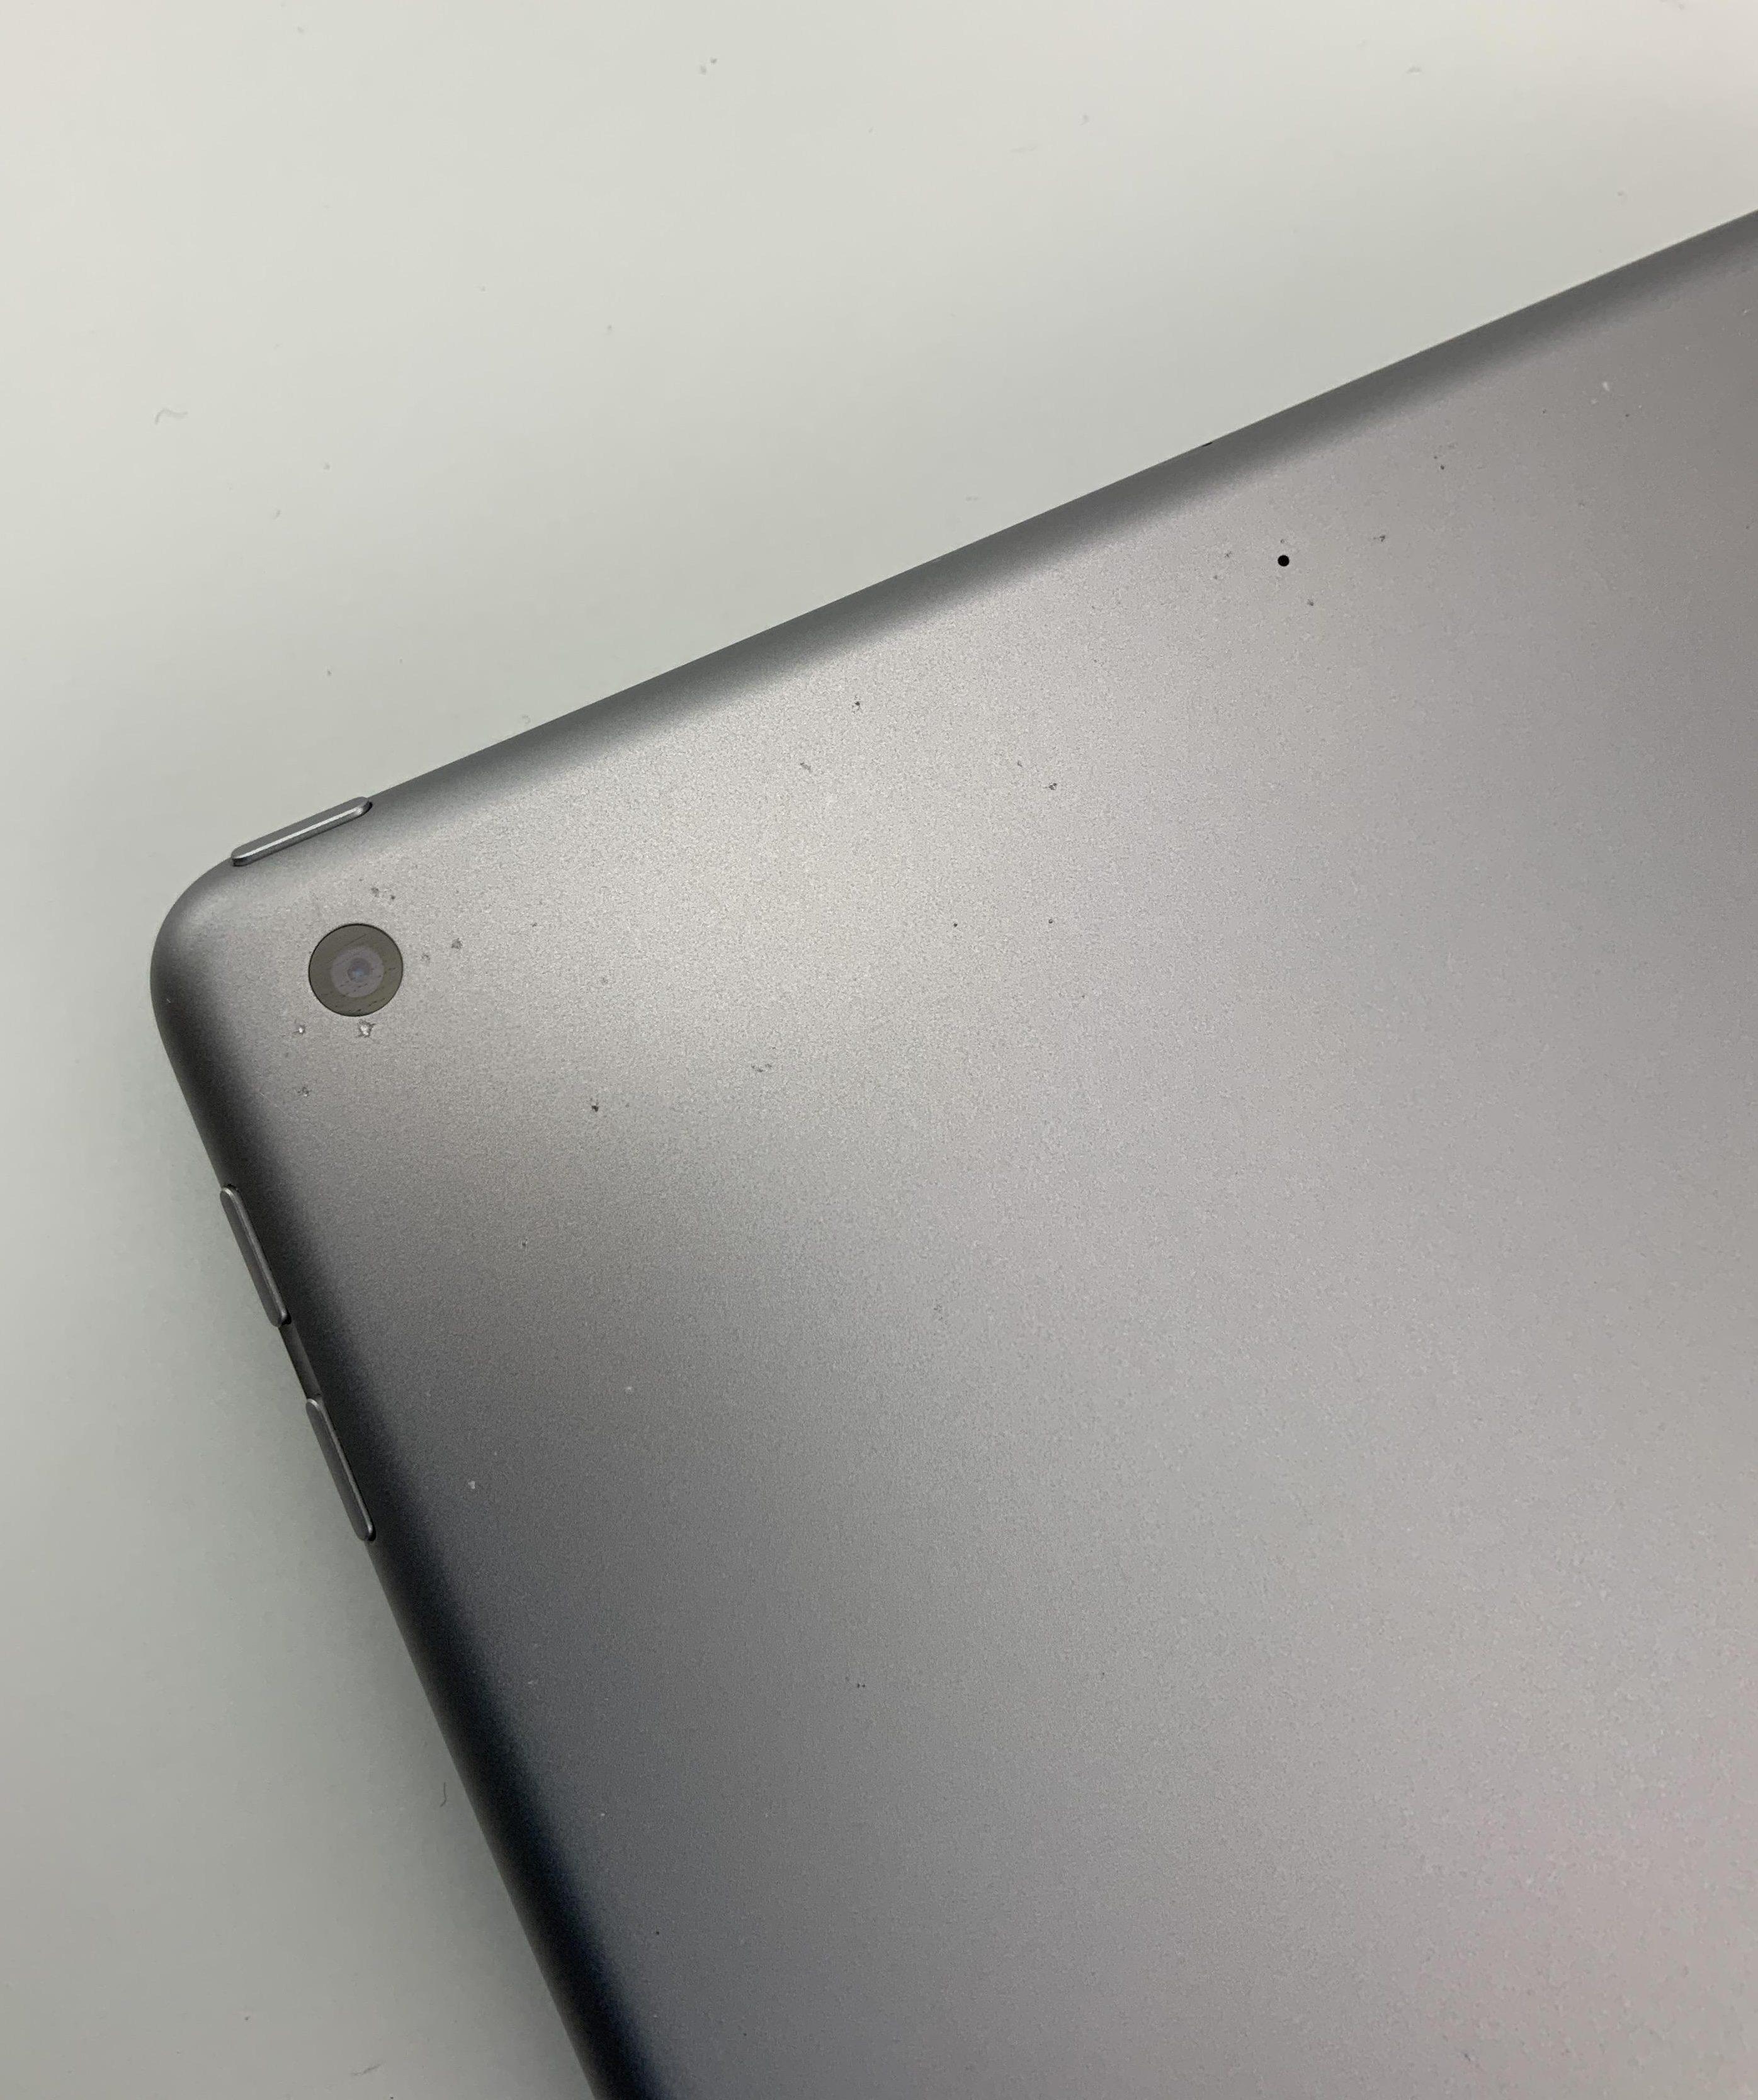 iPad 5 Wi-Fi 128GB, 128GB, Space Gray, image 3